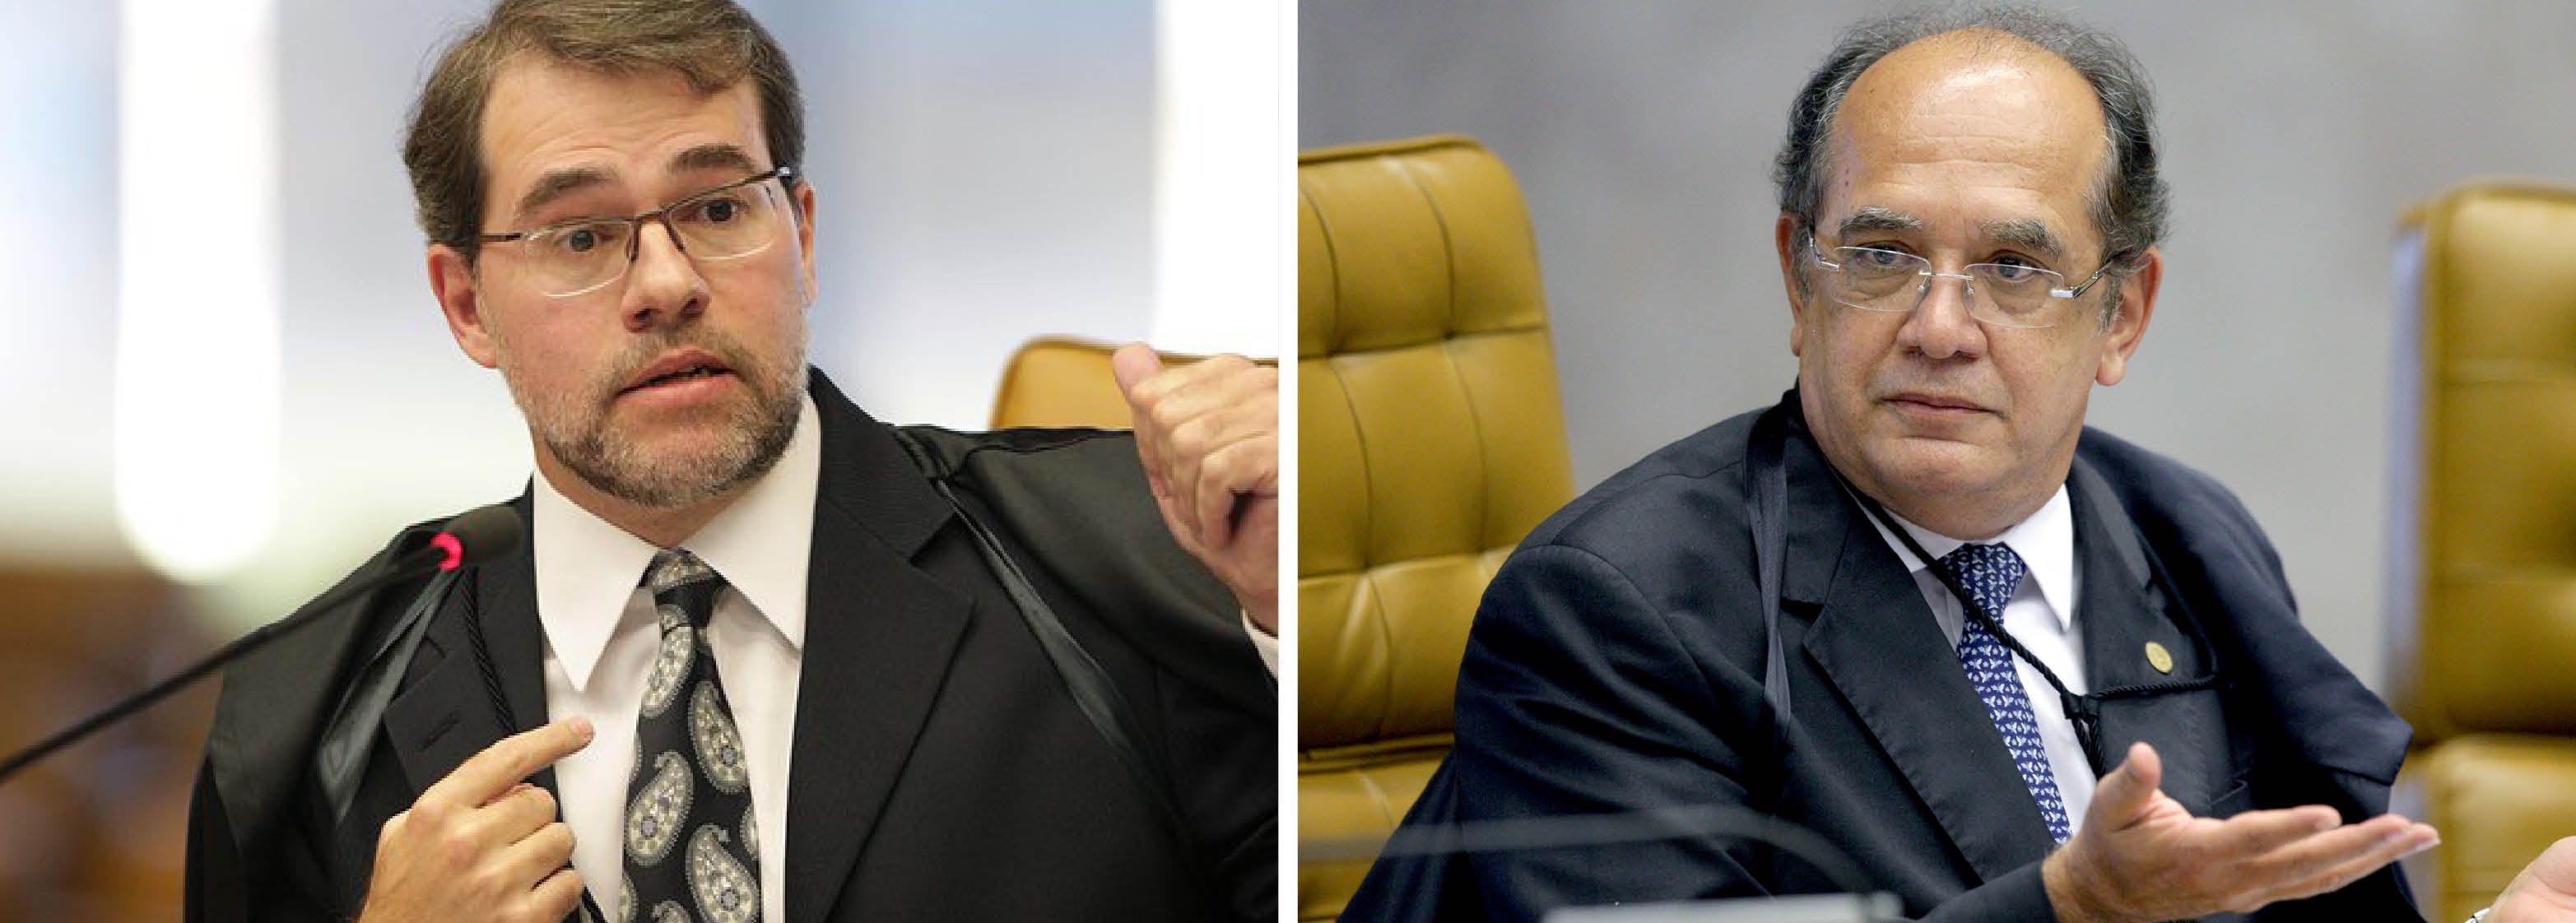 Segundo o Jornal GGN, o presidente do TSE assinou um despacho nesta quinta-feira 15 solicitando que as partes envolvidas na tramitação da ação (PT e PSDB) se manifestem sobre a questão de ordem que discute o novo relator do caso; de acordo com o documento, ao abrir mão de relatoria, a ministra Maria Thereza indicou que Gilmar Mendes deveria não só prosseguir na instrução como acolher, também, outras três ações do PSDB contra a vitória da presidente Dilma; Dias Toffoli deu três dias para os…